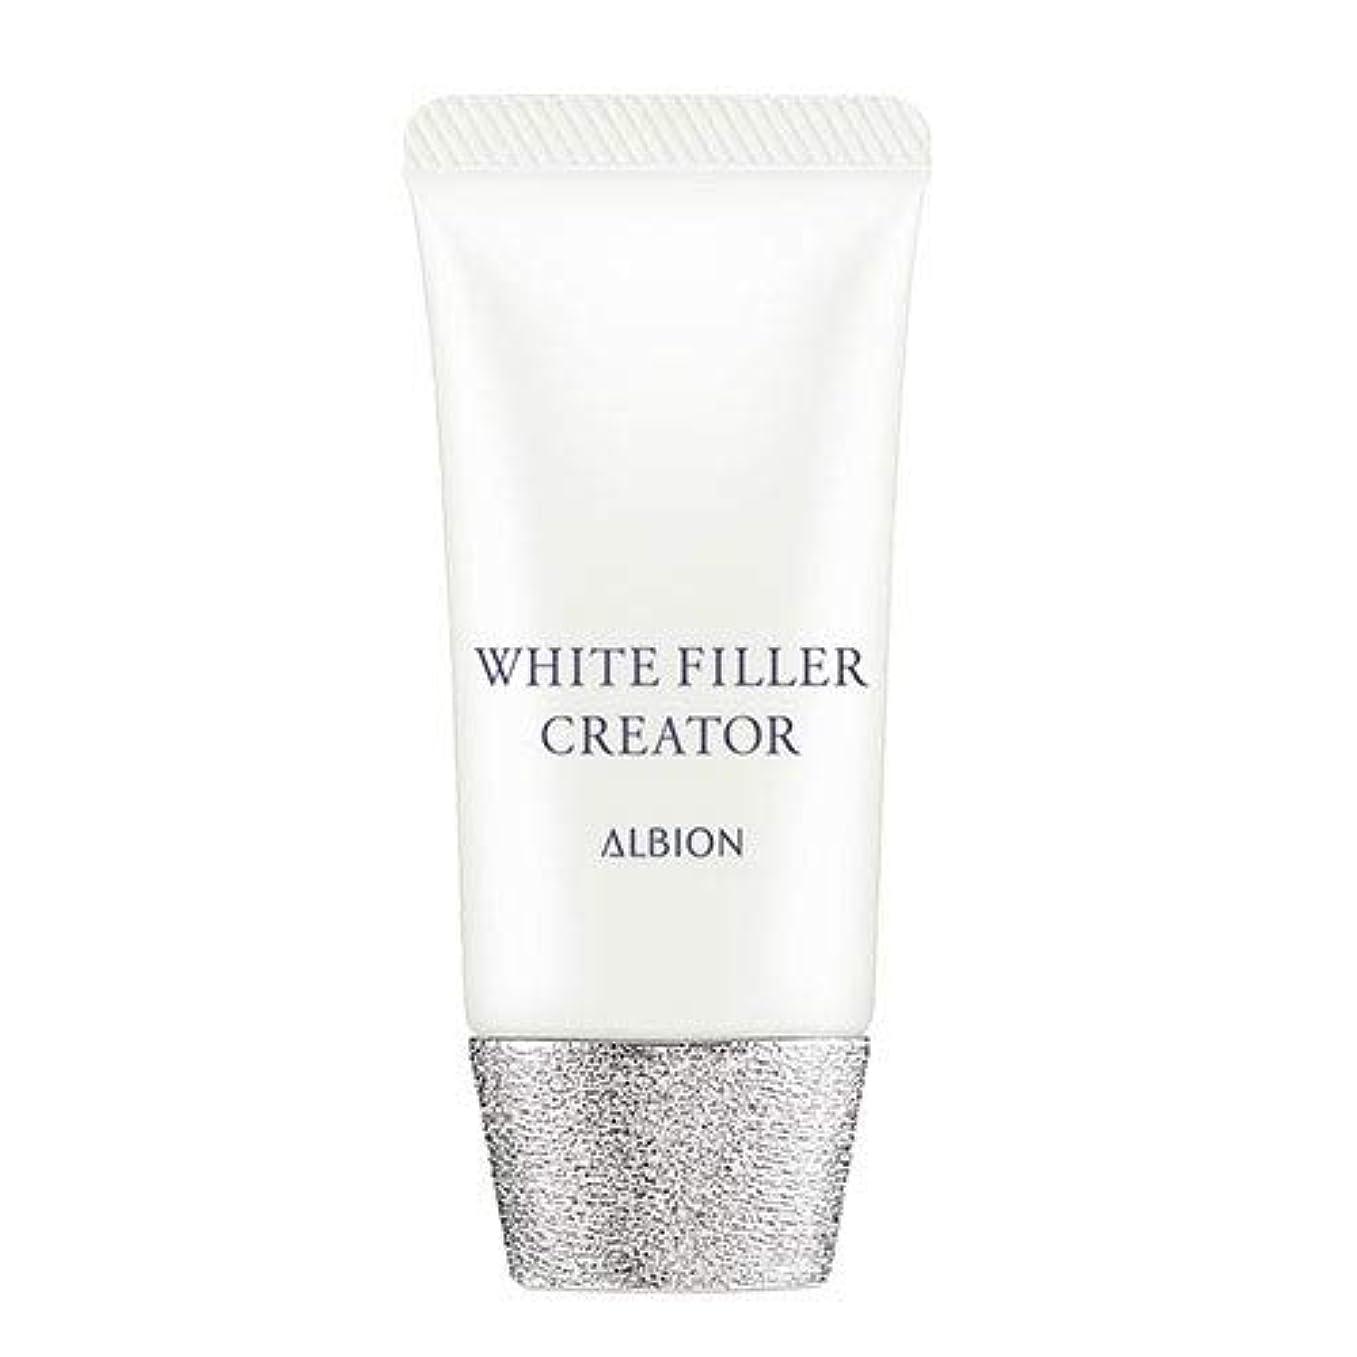 ミネラルリサイクルする有害アルビオン ホワイトフィラー クリエイター SPF35?PA+++ 30g -ALBION-